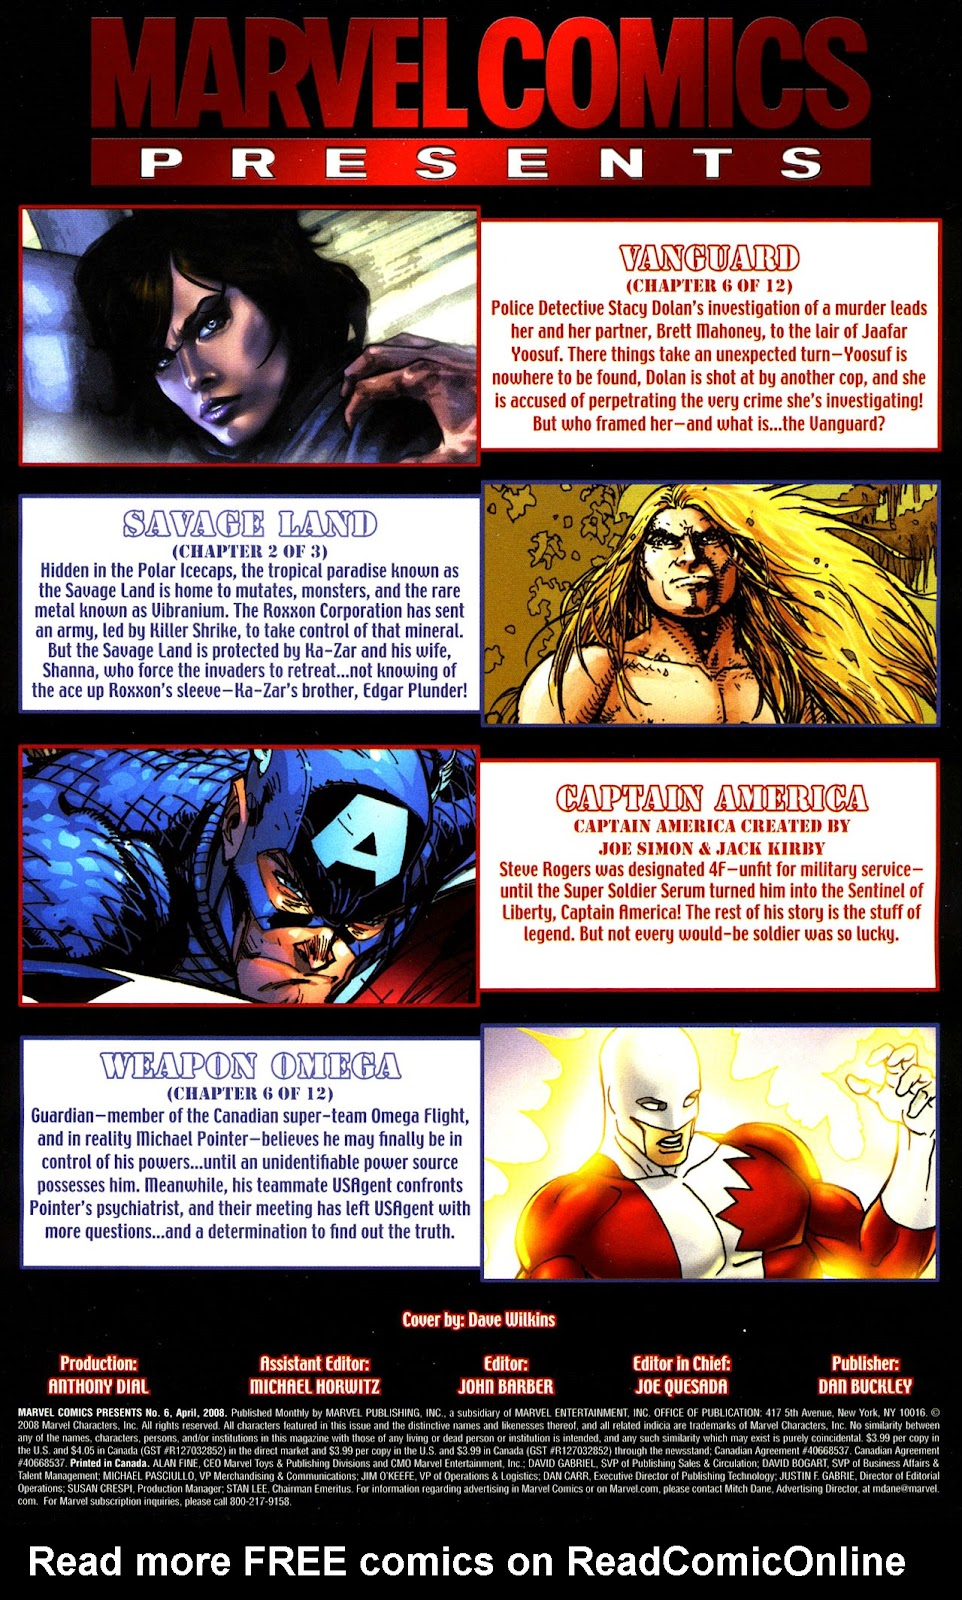 marvel comics presents #6 buy